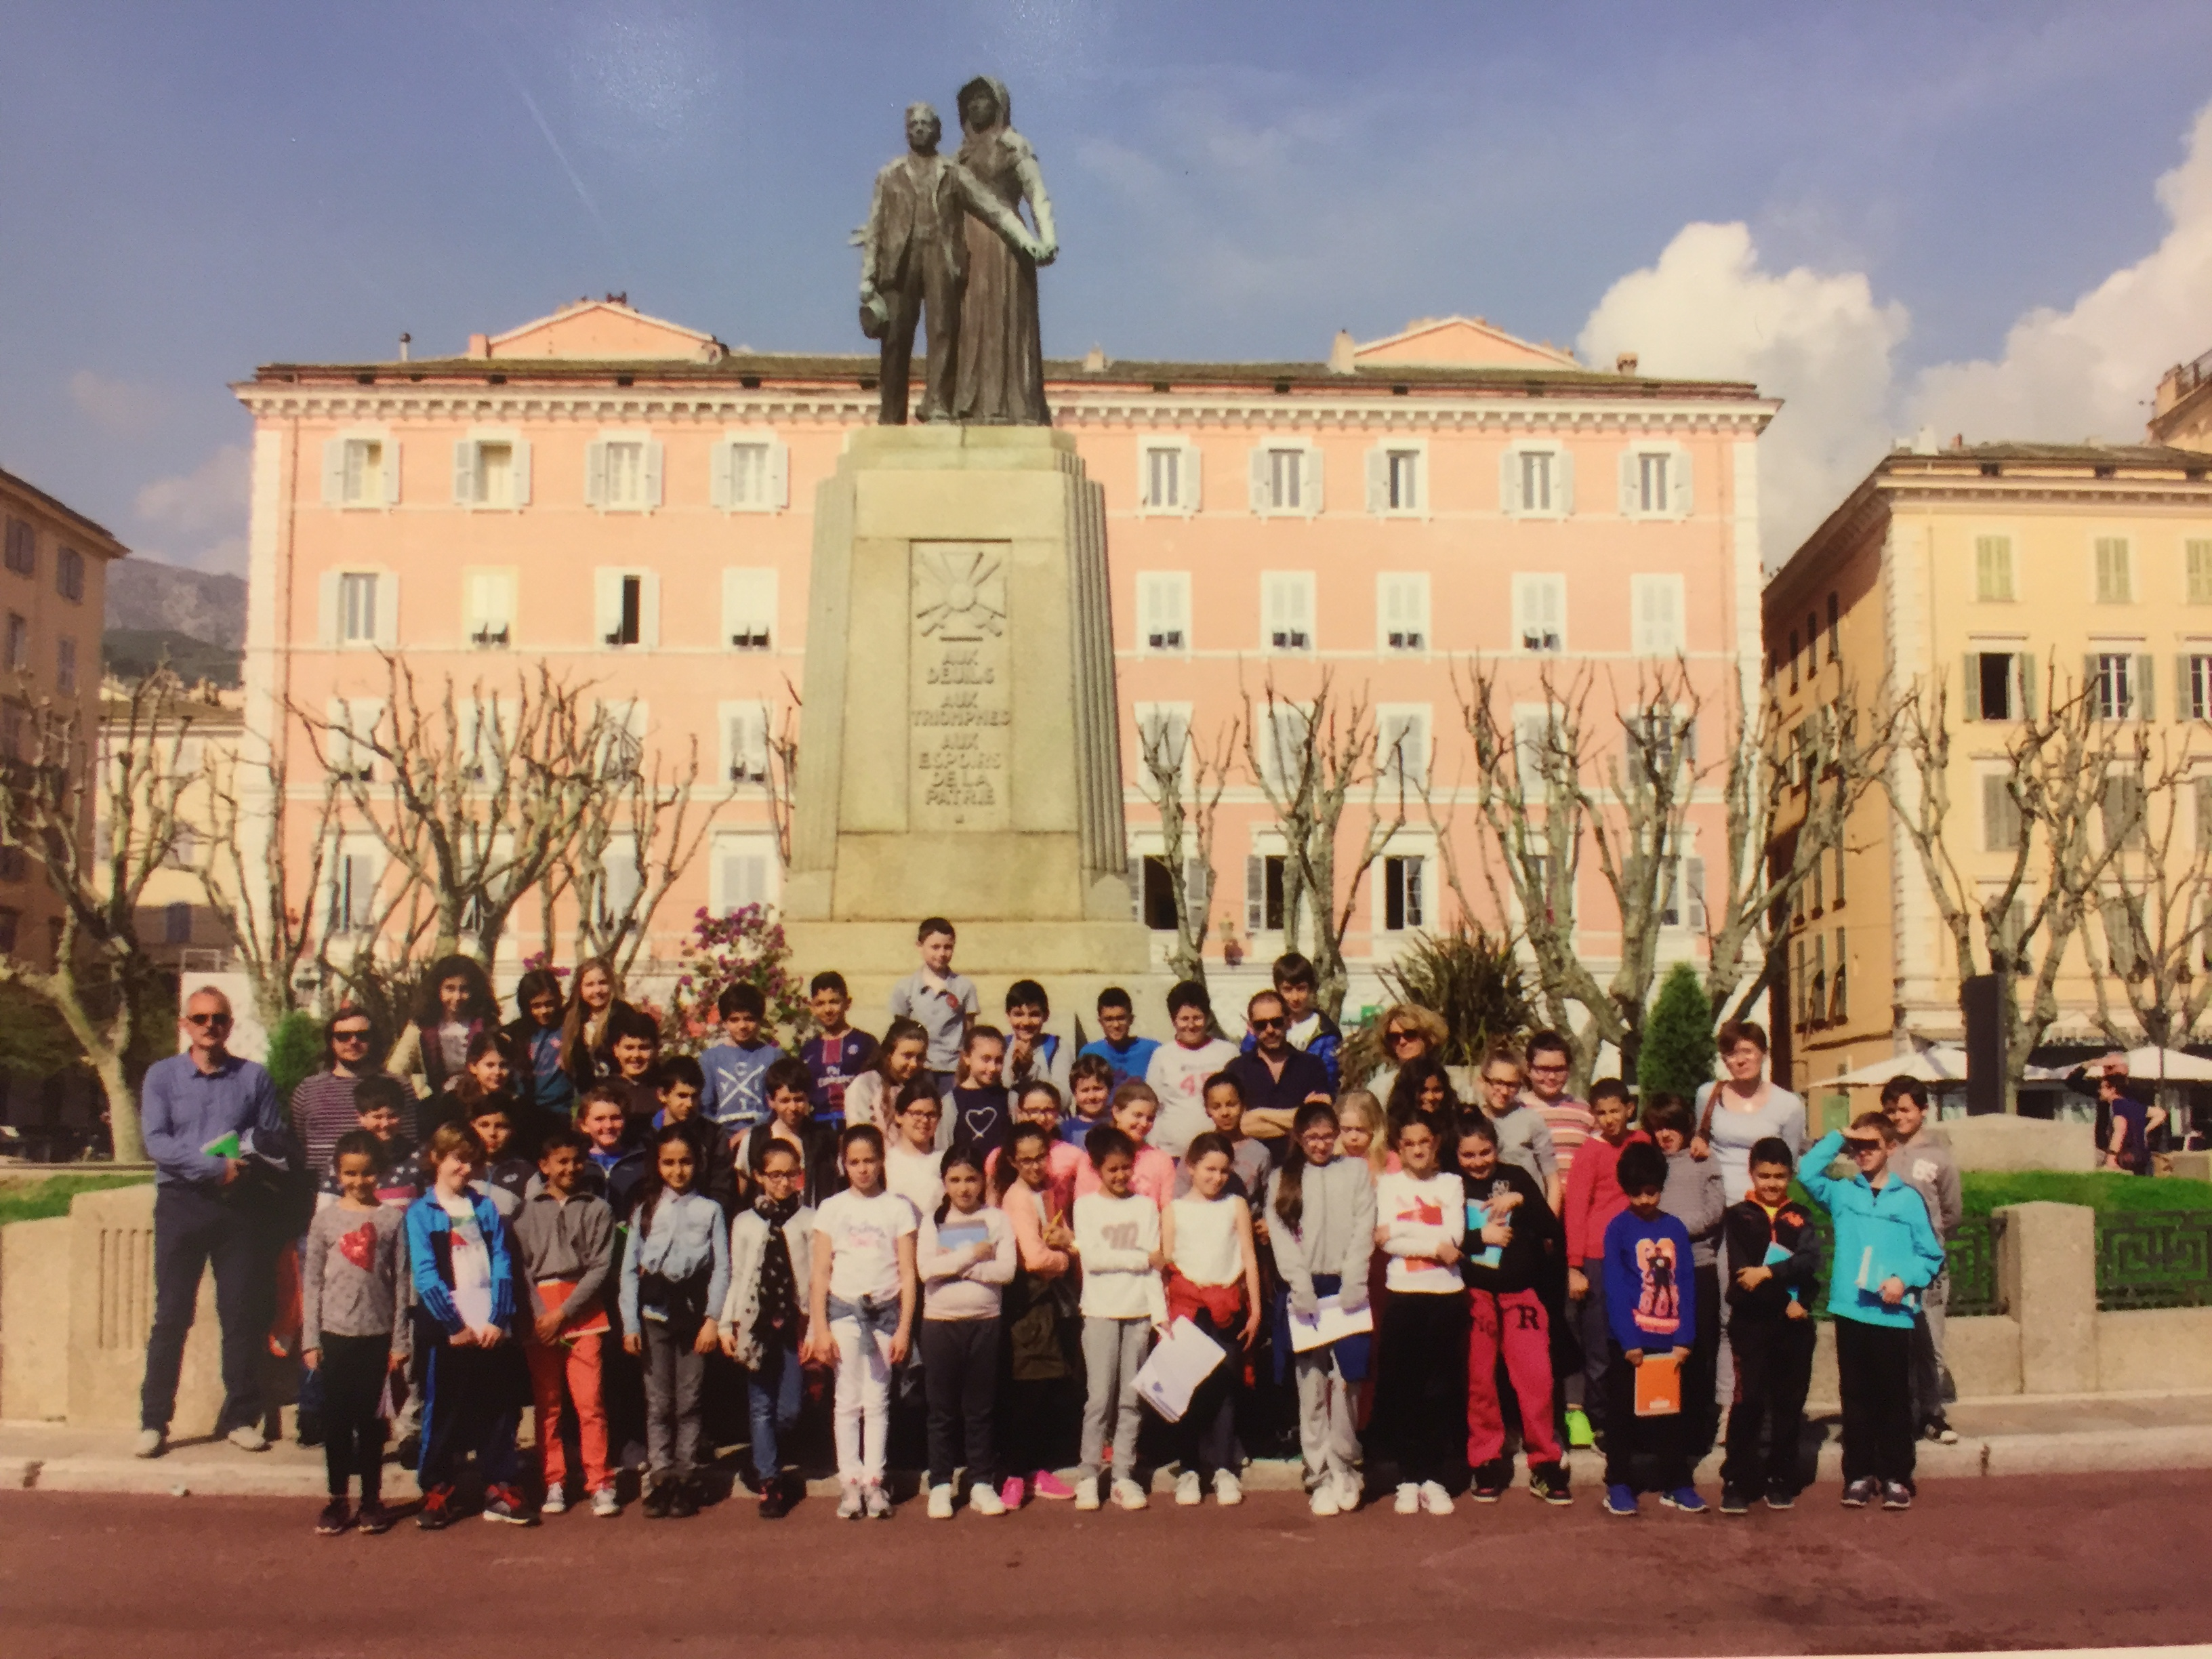 Les élèves de CM1, CM2 et 6ème de St Joseph (Bastia)